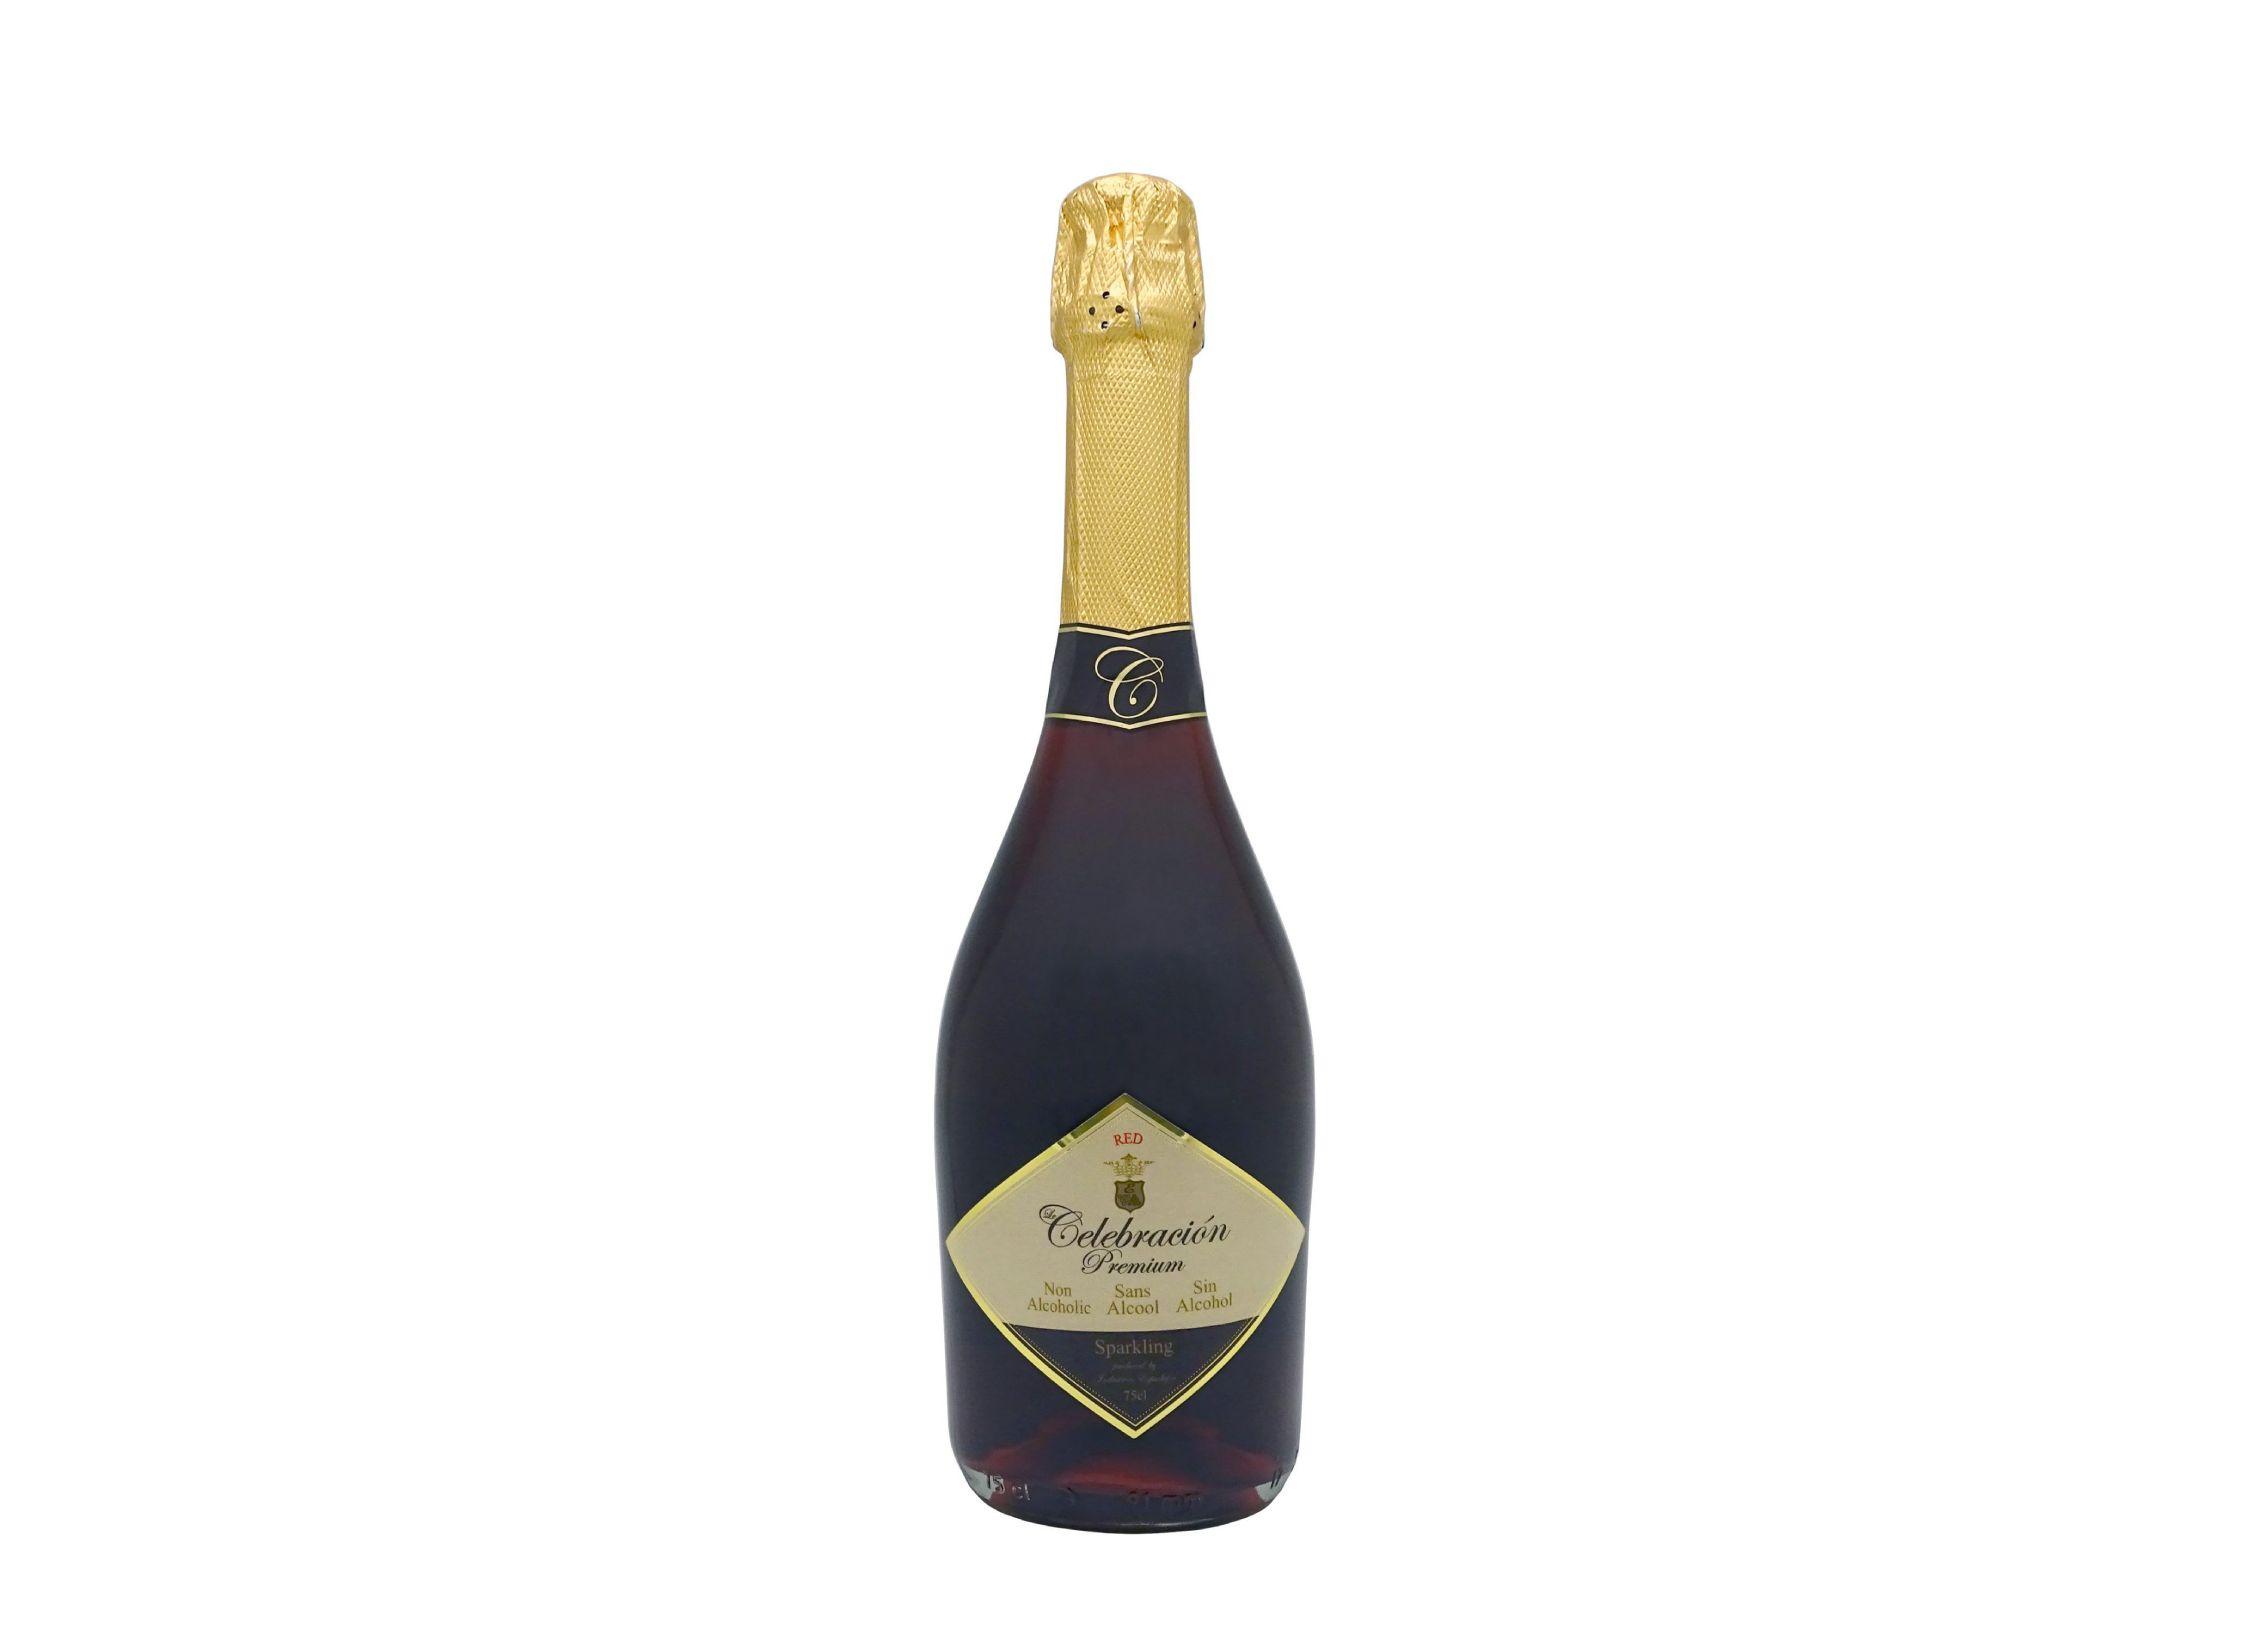 Le Celebración Premium Red, bebida espumosa sin alcohol de 75cl ideal para celebraciones especiales ahora en intenso color rojo y de delicoso sabor